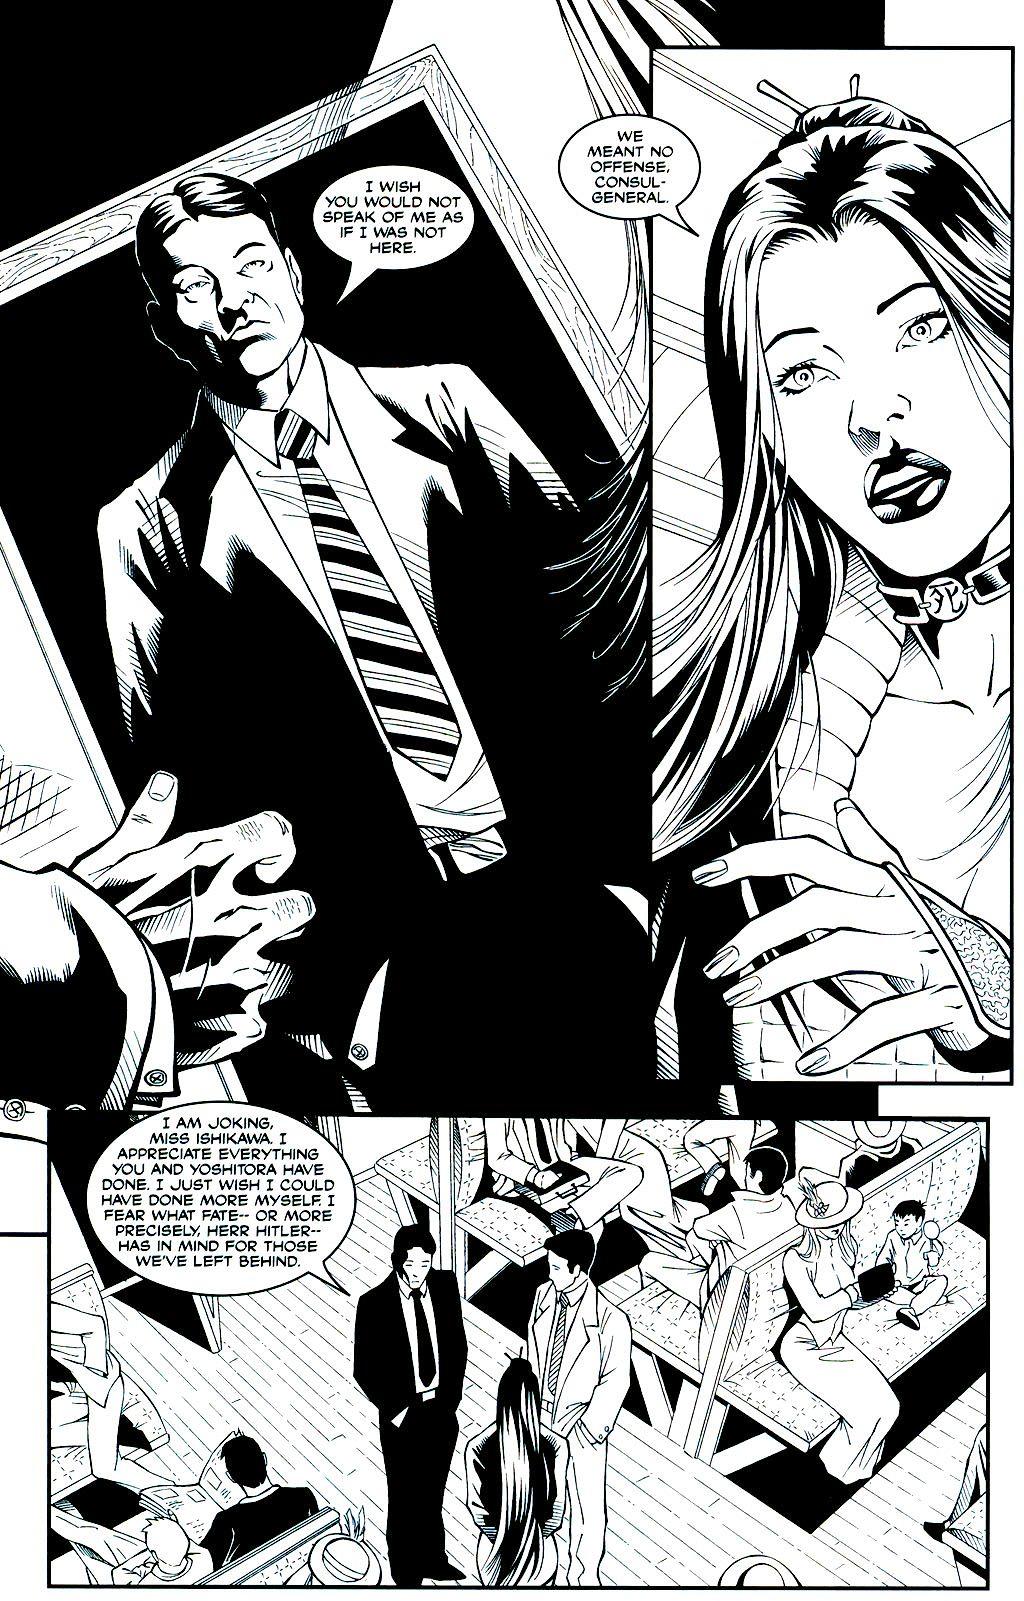 Read online Shi: Sempo comic -  Issue #1 - 19